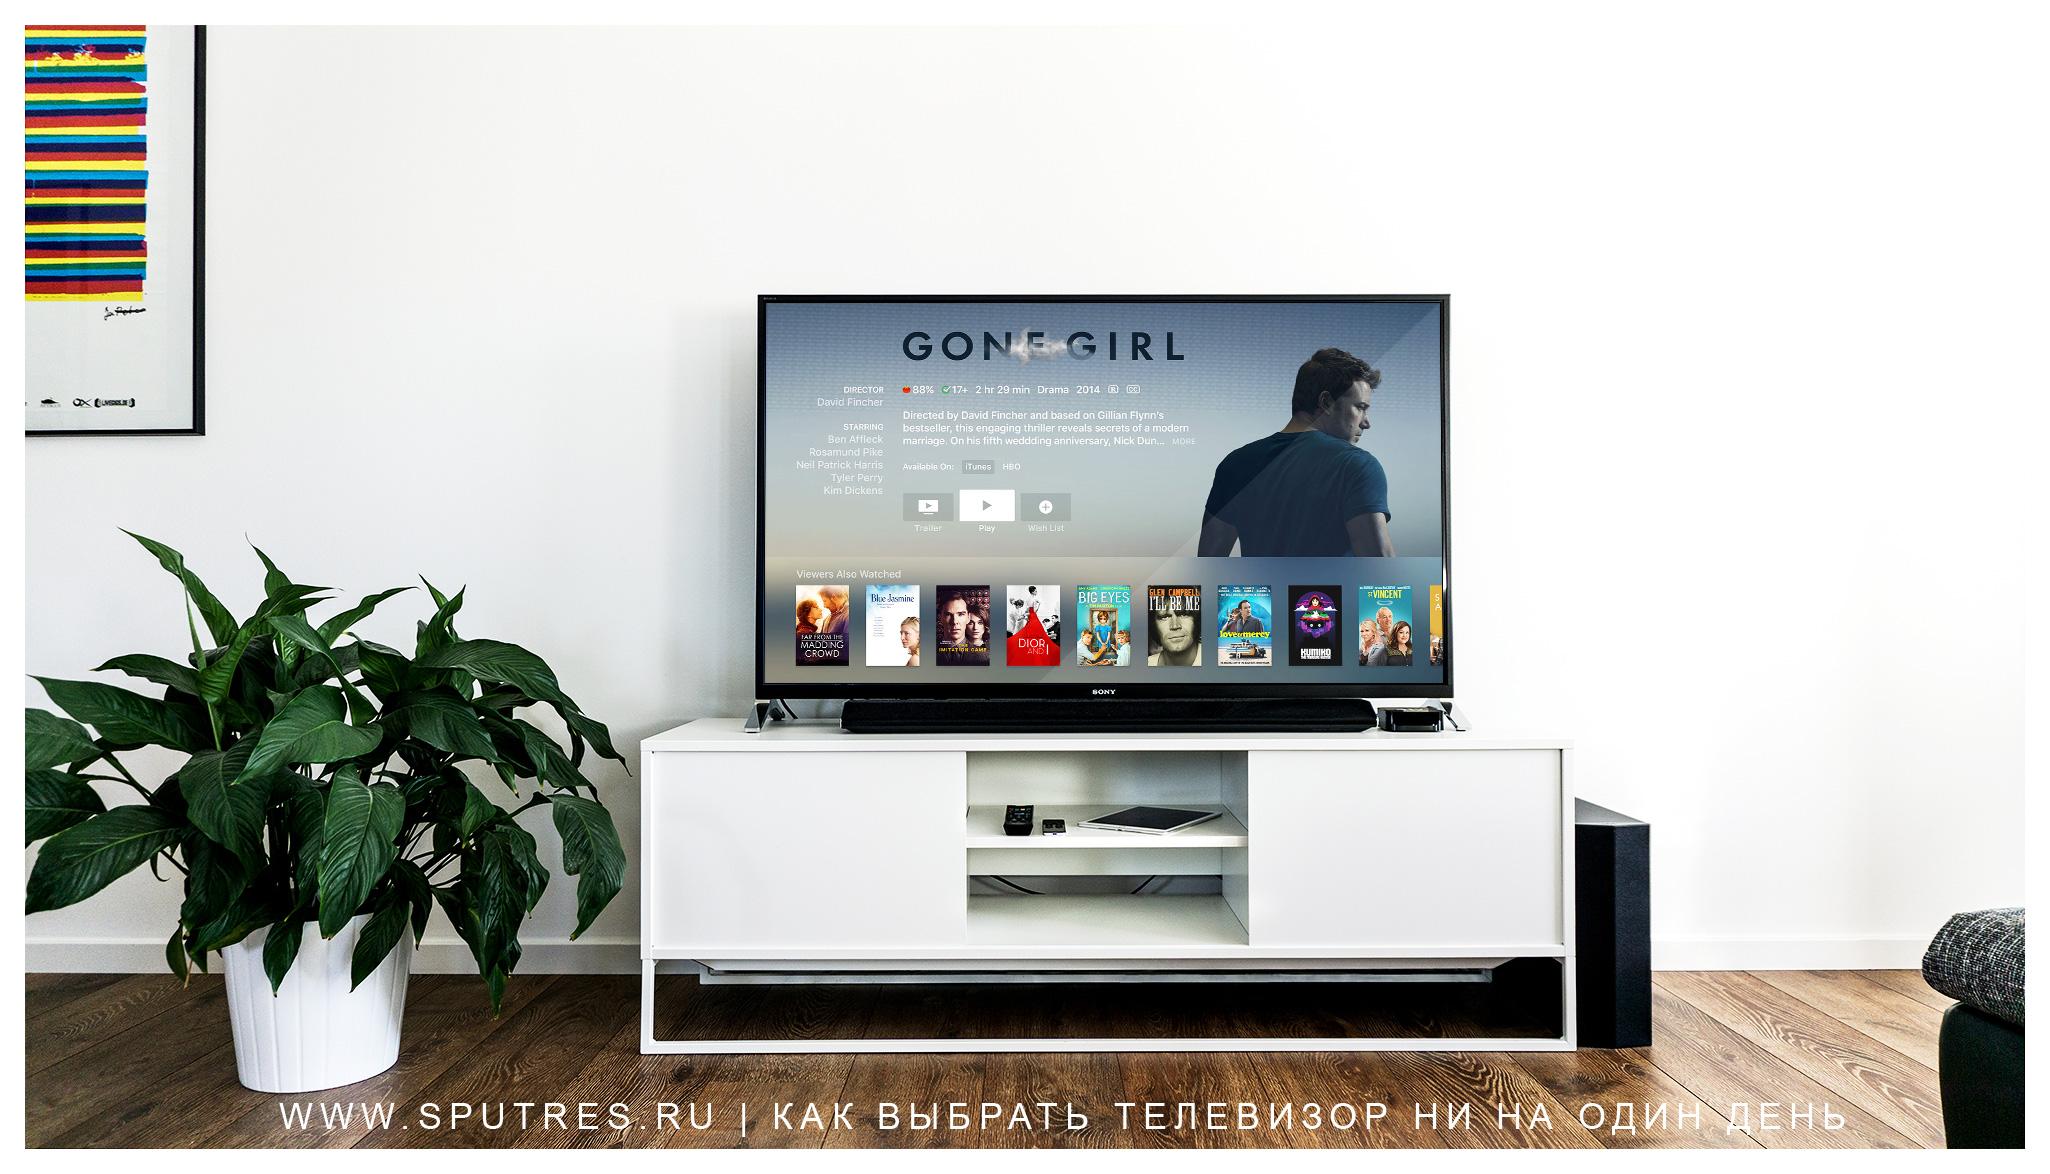 схема подключения ресивера dre-5000 к телевизору